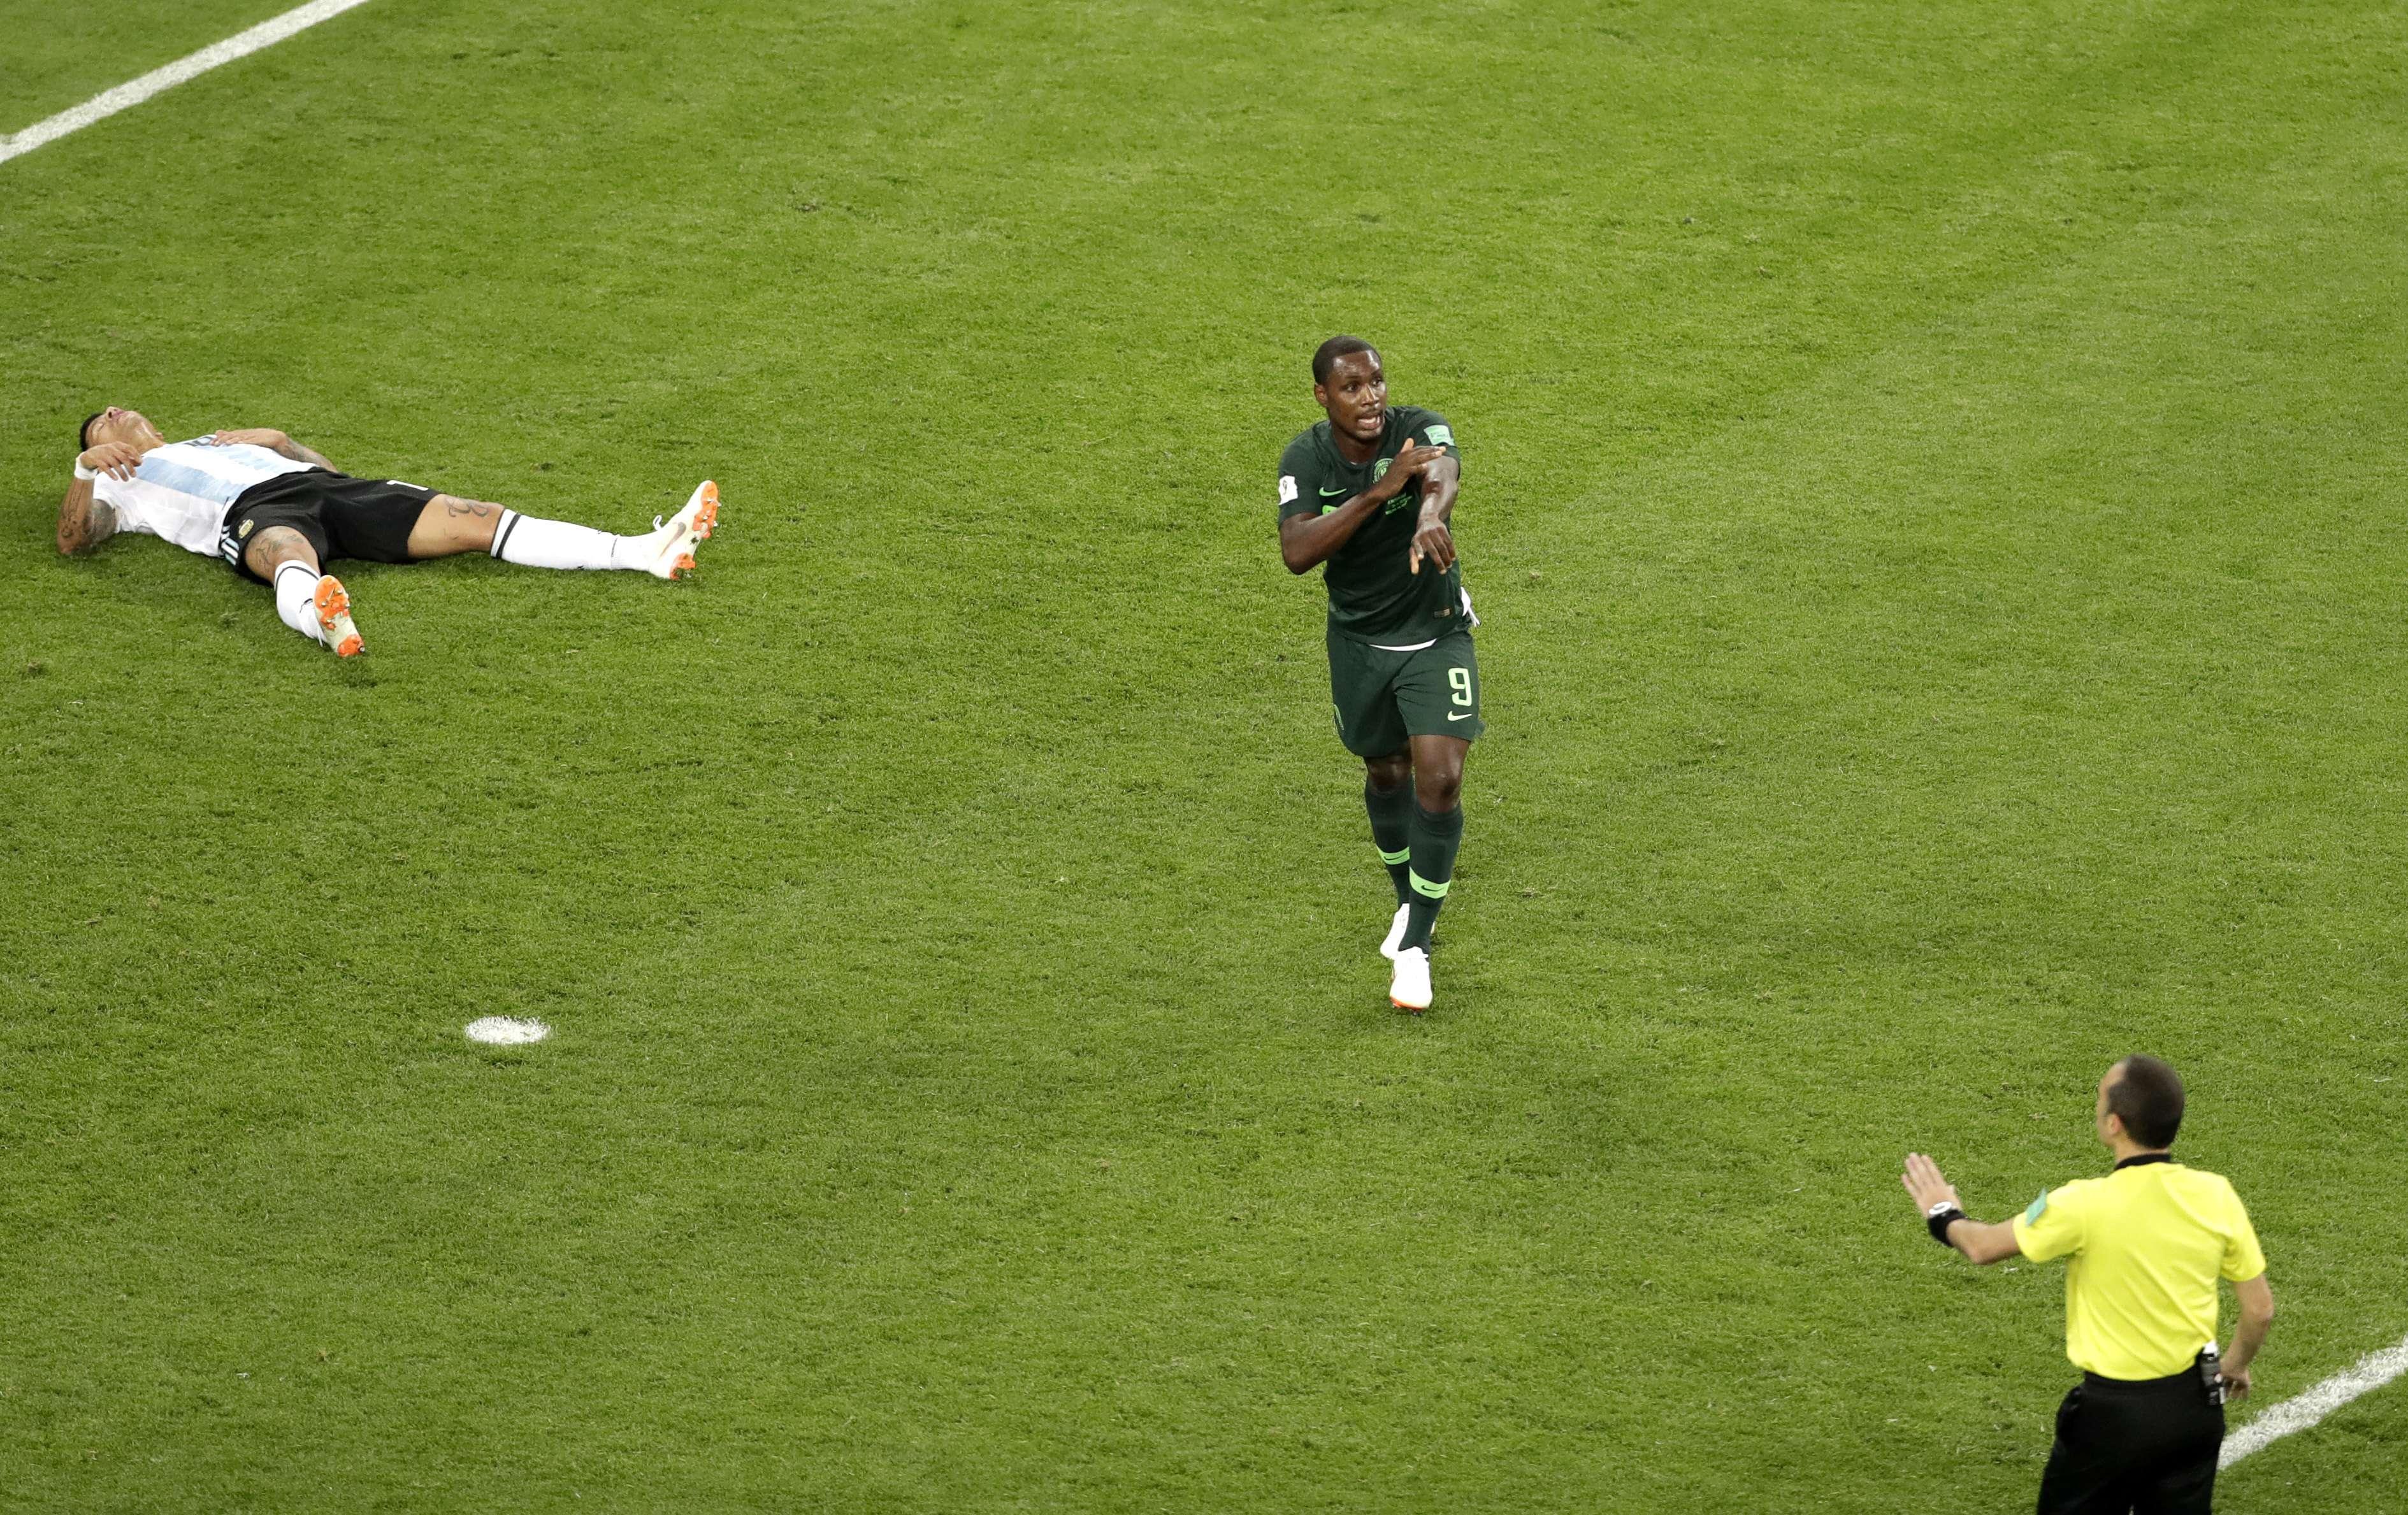 Odion Ighalo lors du match Argentine-Nigeria de la Coupe du Monde 2018, à Saint-Pétersbourg, en Russie, le 26 juin 2018.